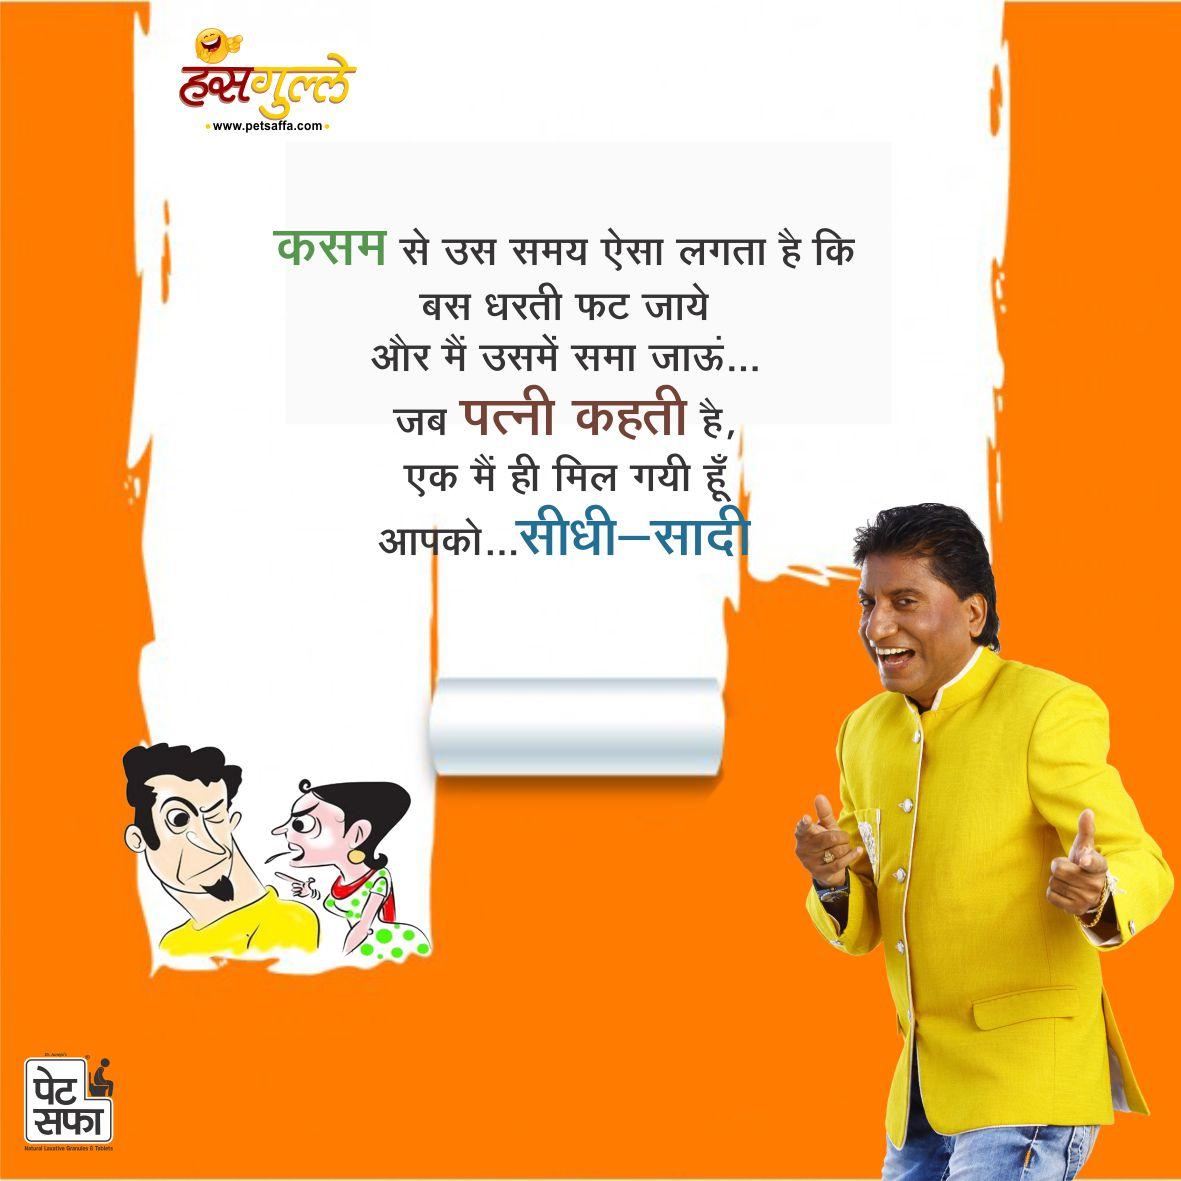 Seedhi-saadi Patni - Hindi chutkula